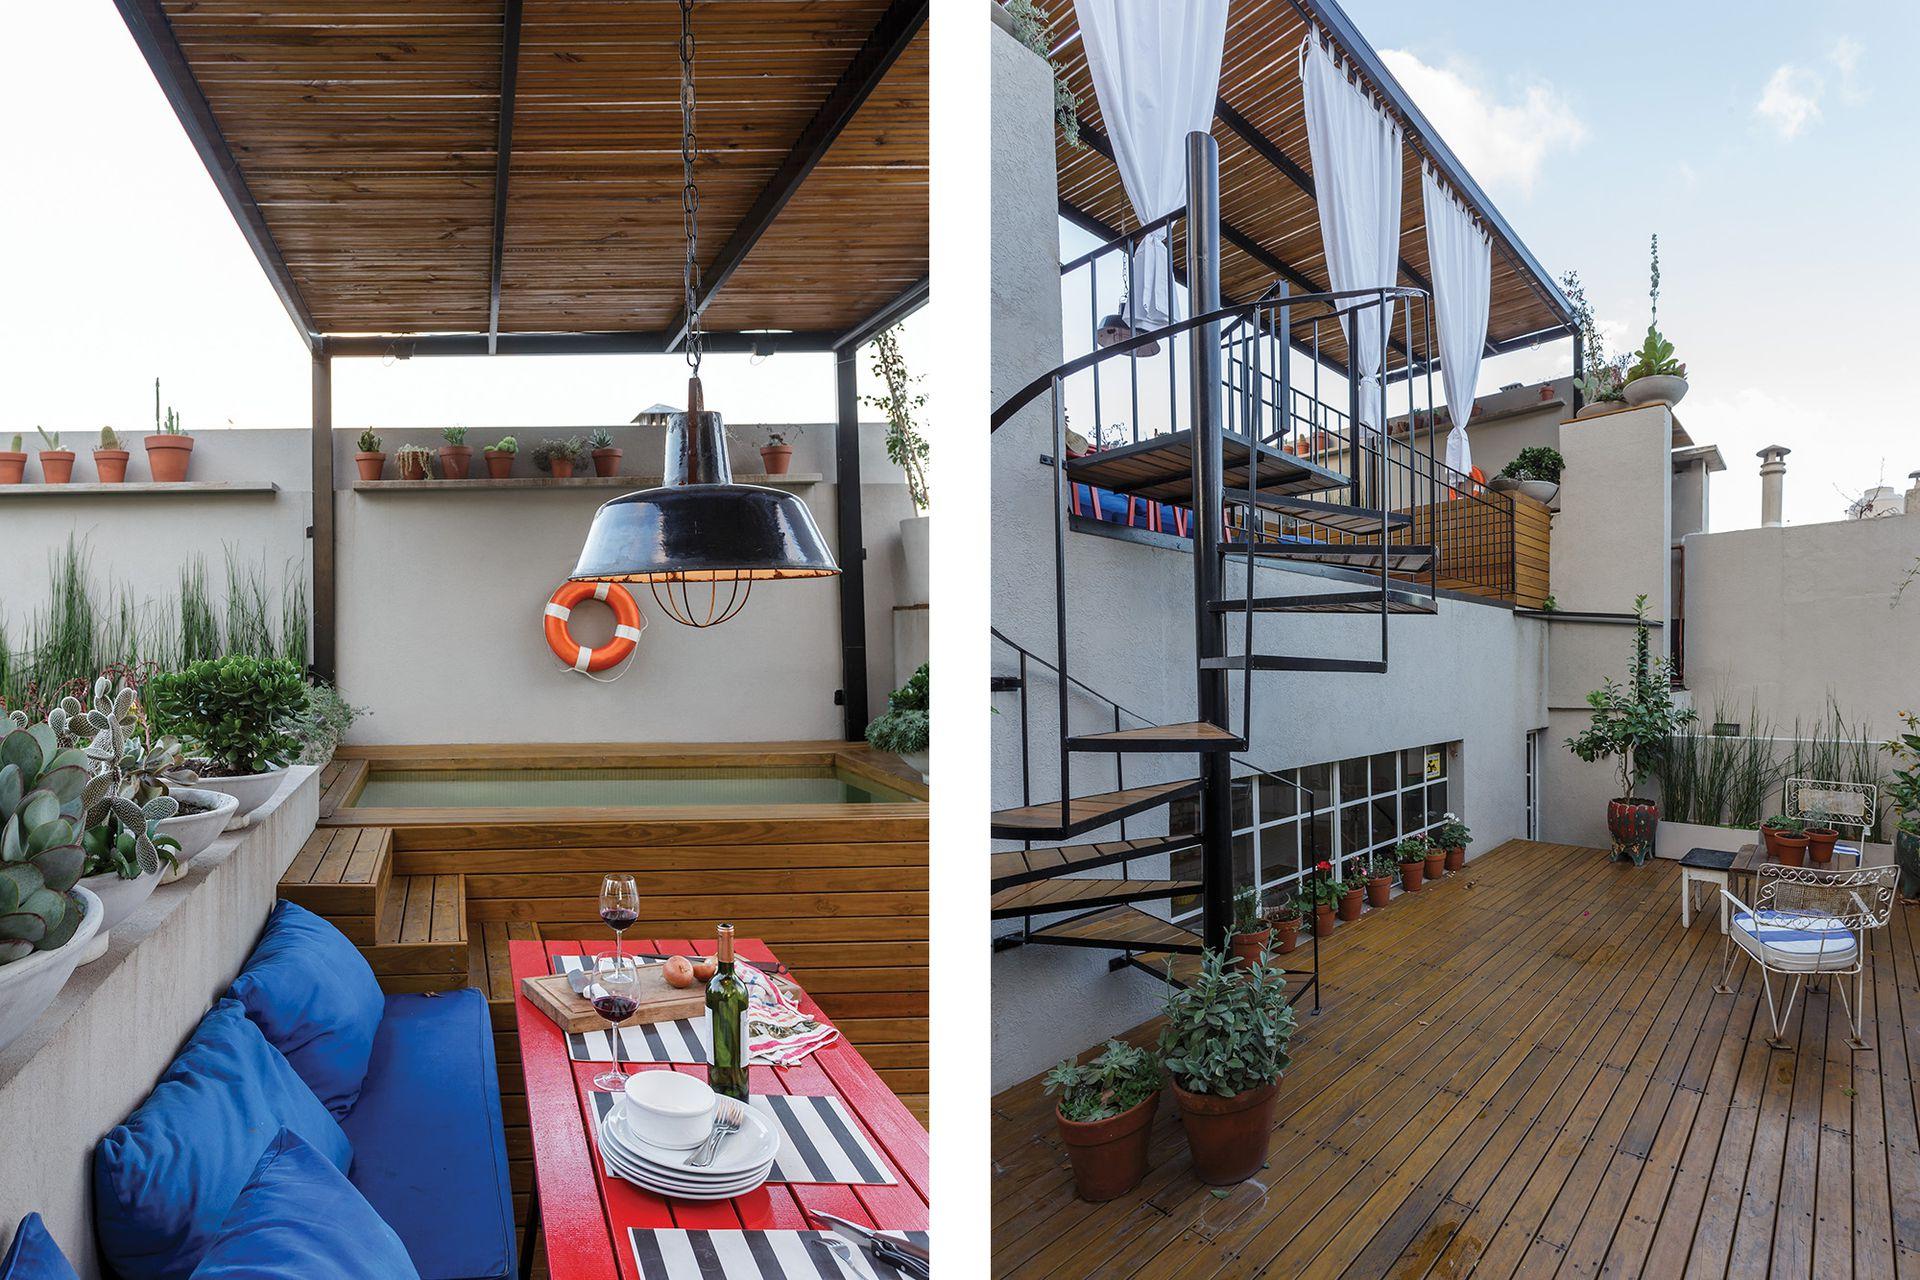 DESPUÉS: Se rediseñó la terraza existente incorporando un deck de madera. La ventana de hierro comunica visualmente con la cocina.